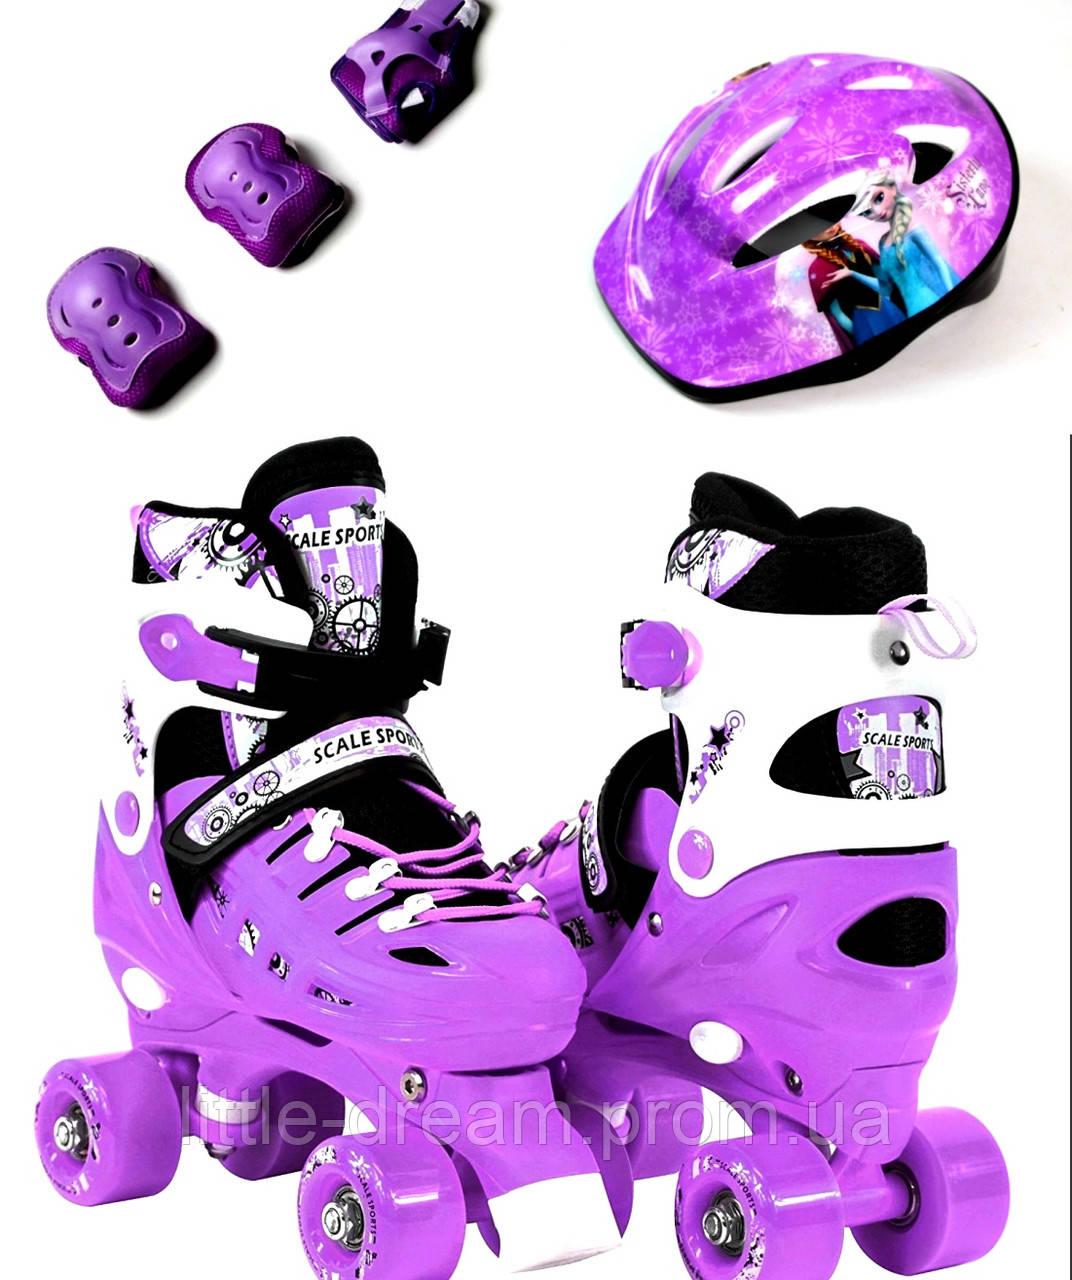 Комплект ролики-квады с защитой и шлемом Scale Sport. Violet р.29-33;34-37